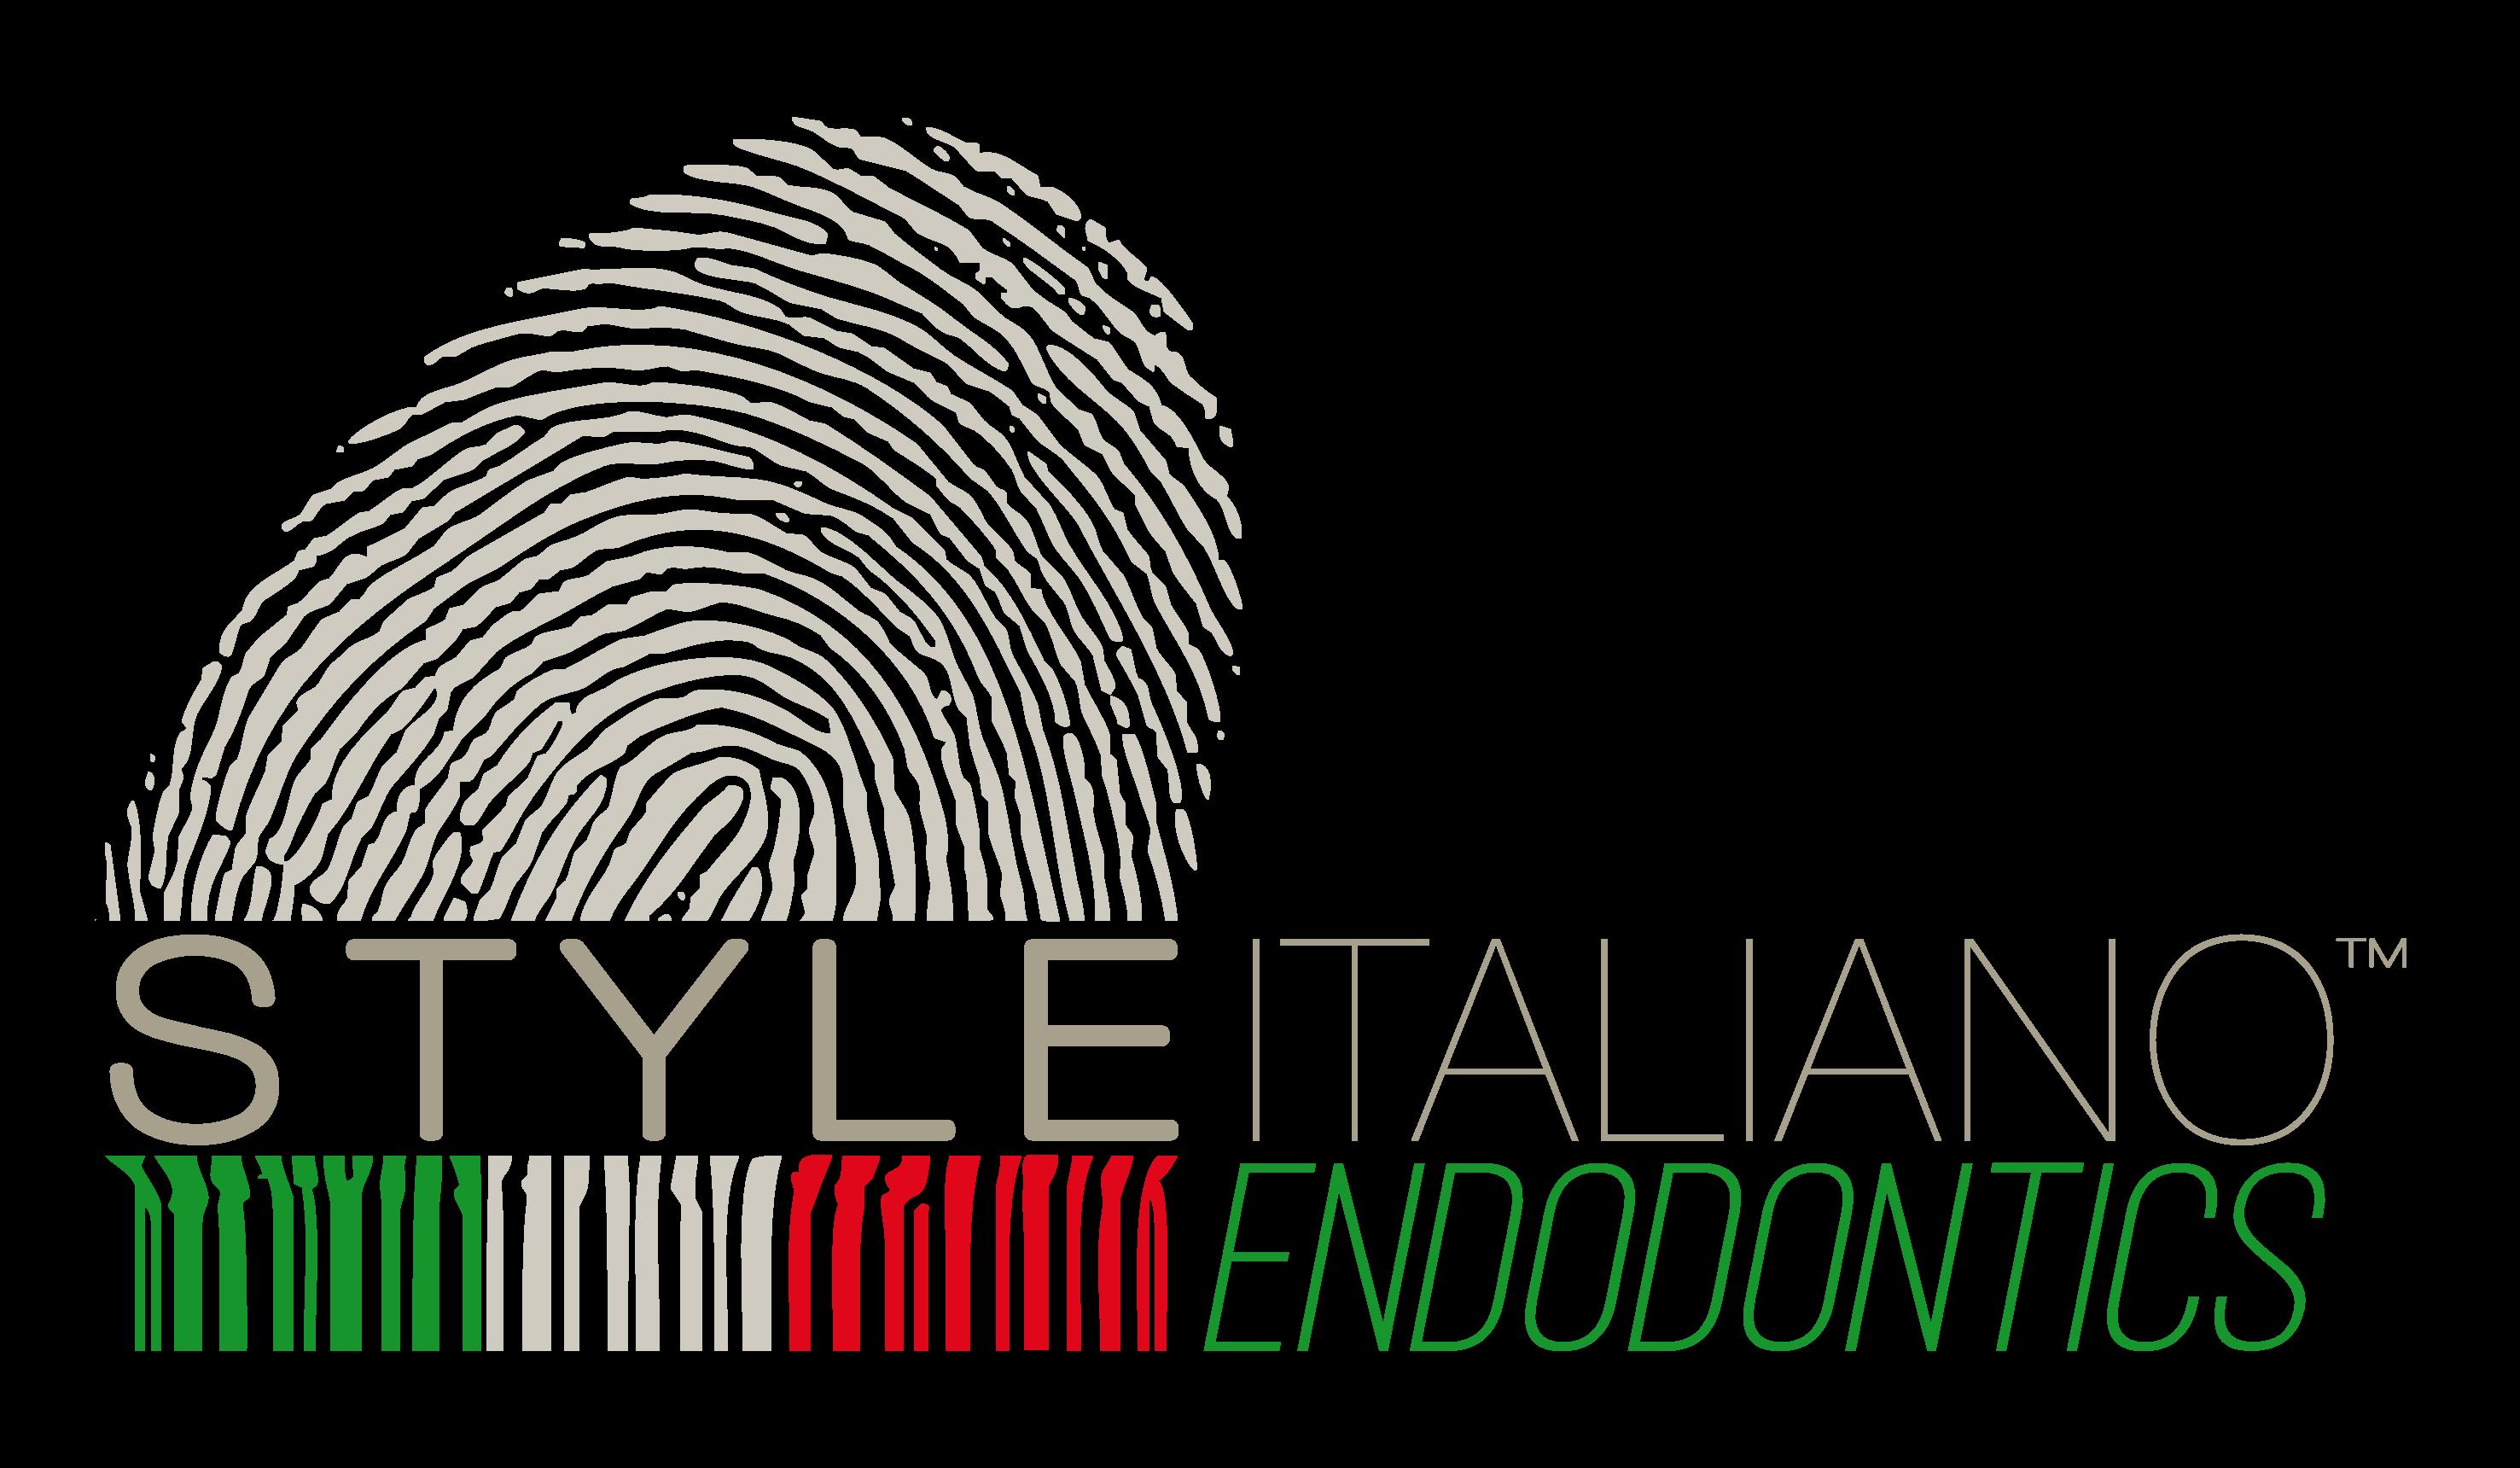 Style Italiano Endodontics Official Logo